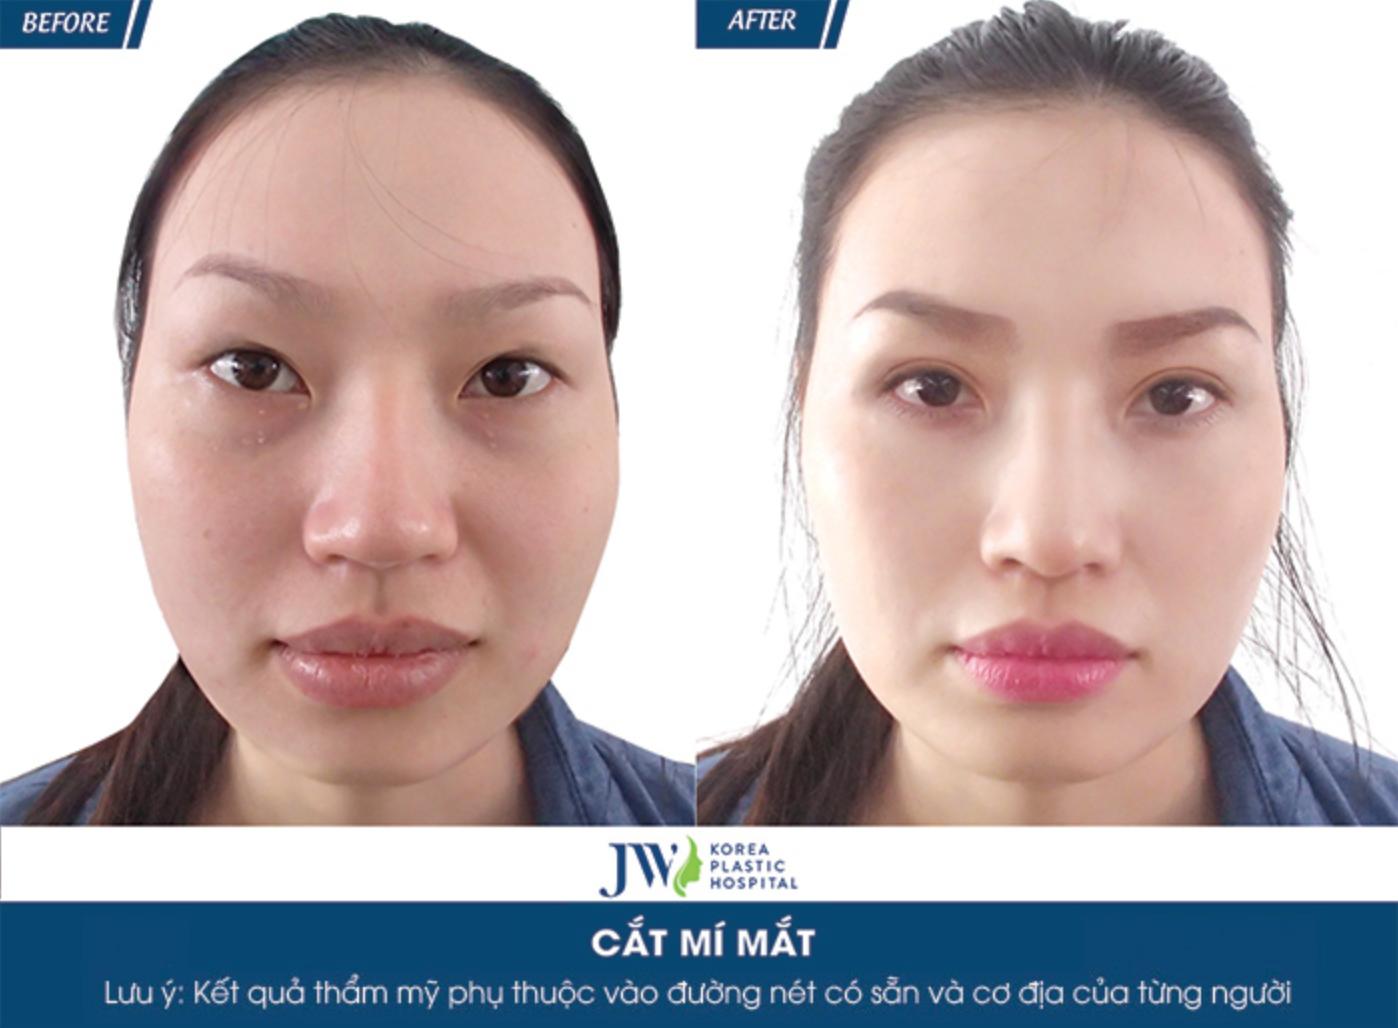 gia-cat-mat-2-mi-chuan-han-ngay-tai-viet-nam-1